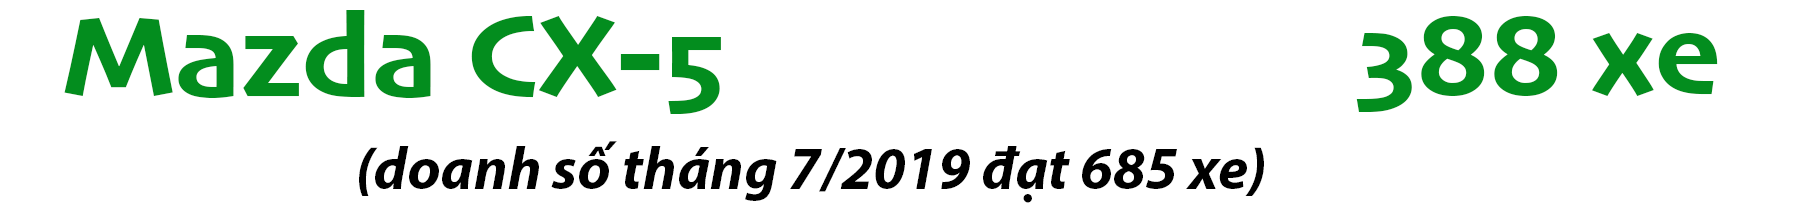 Phân khúc crossover tháng 8/2019: Xe lắp ráp trong nước thắng thế - 12